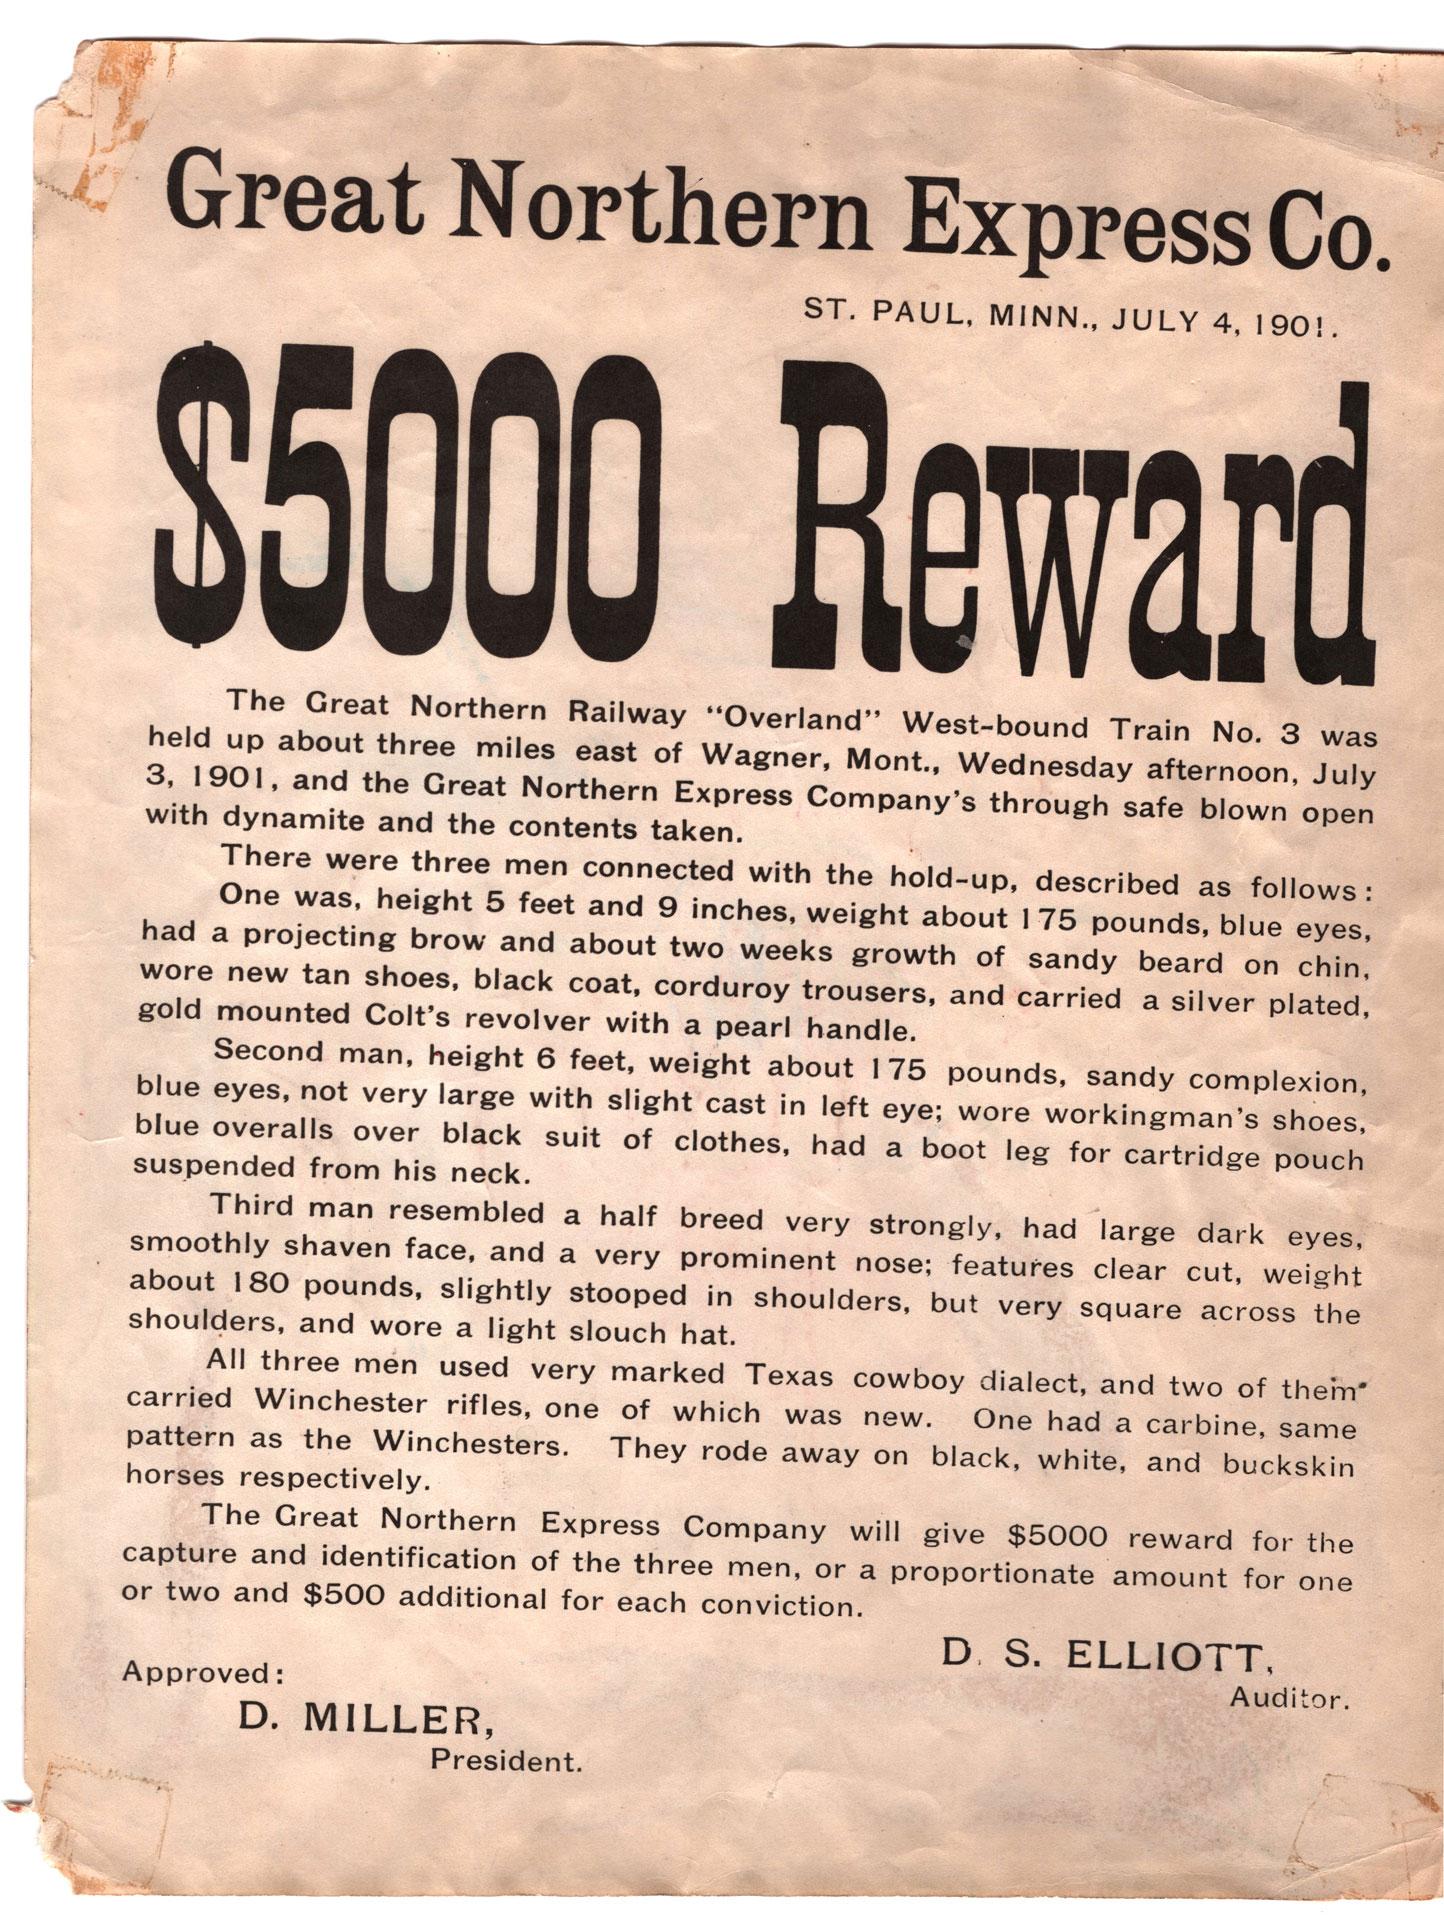 Wild Bunch Reward Poster - Lot 648